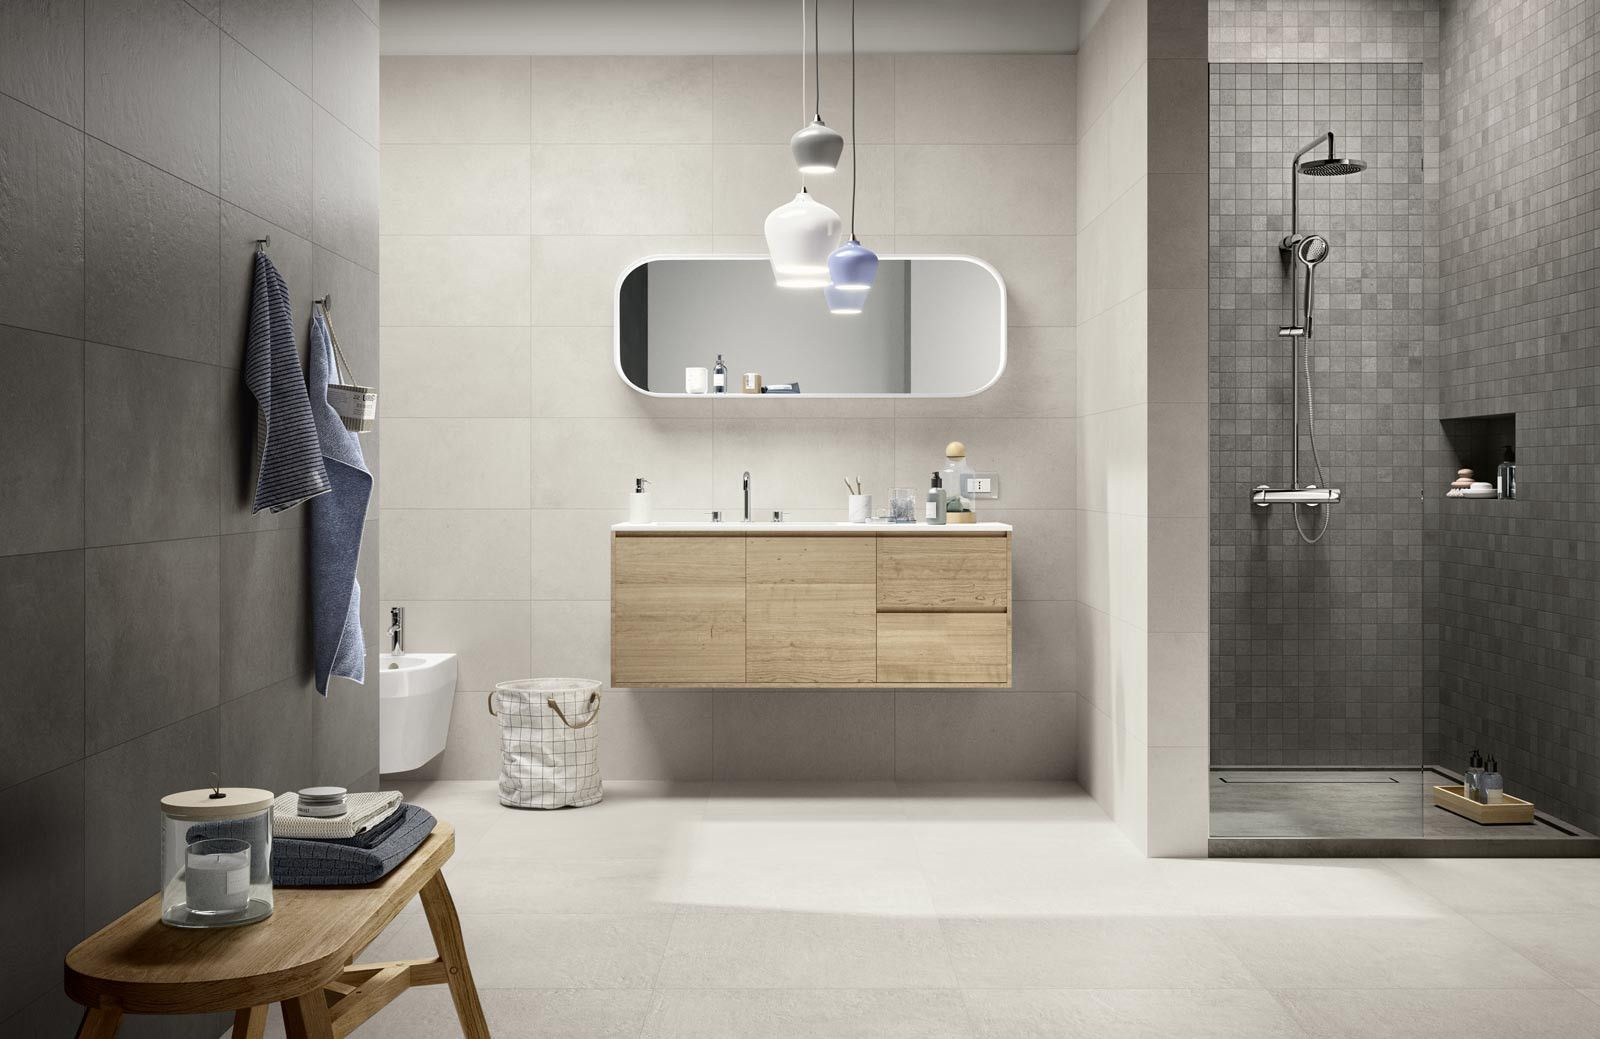 Badezimmer Preise ~ Bad fliesen badezimmer pinterest bad fliesen fliesen und bäder